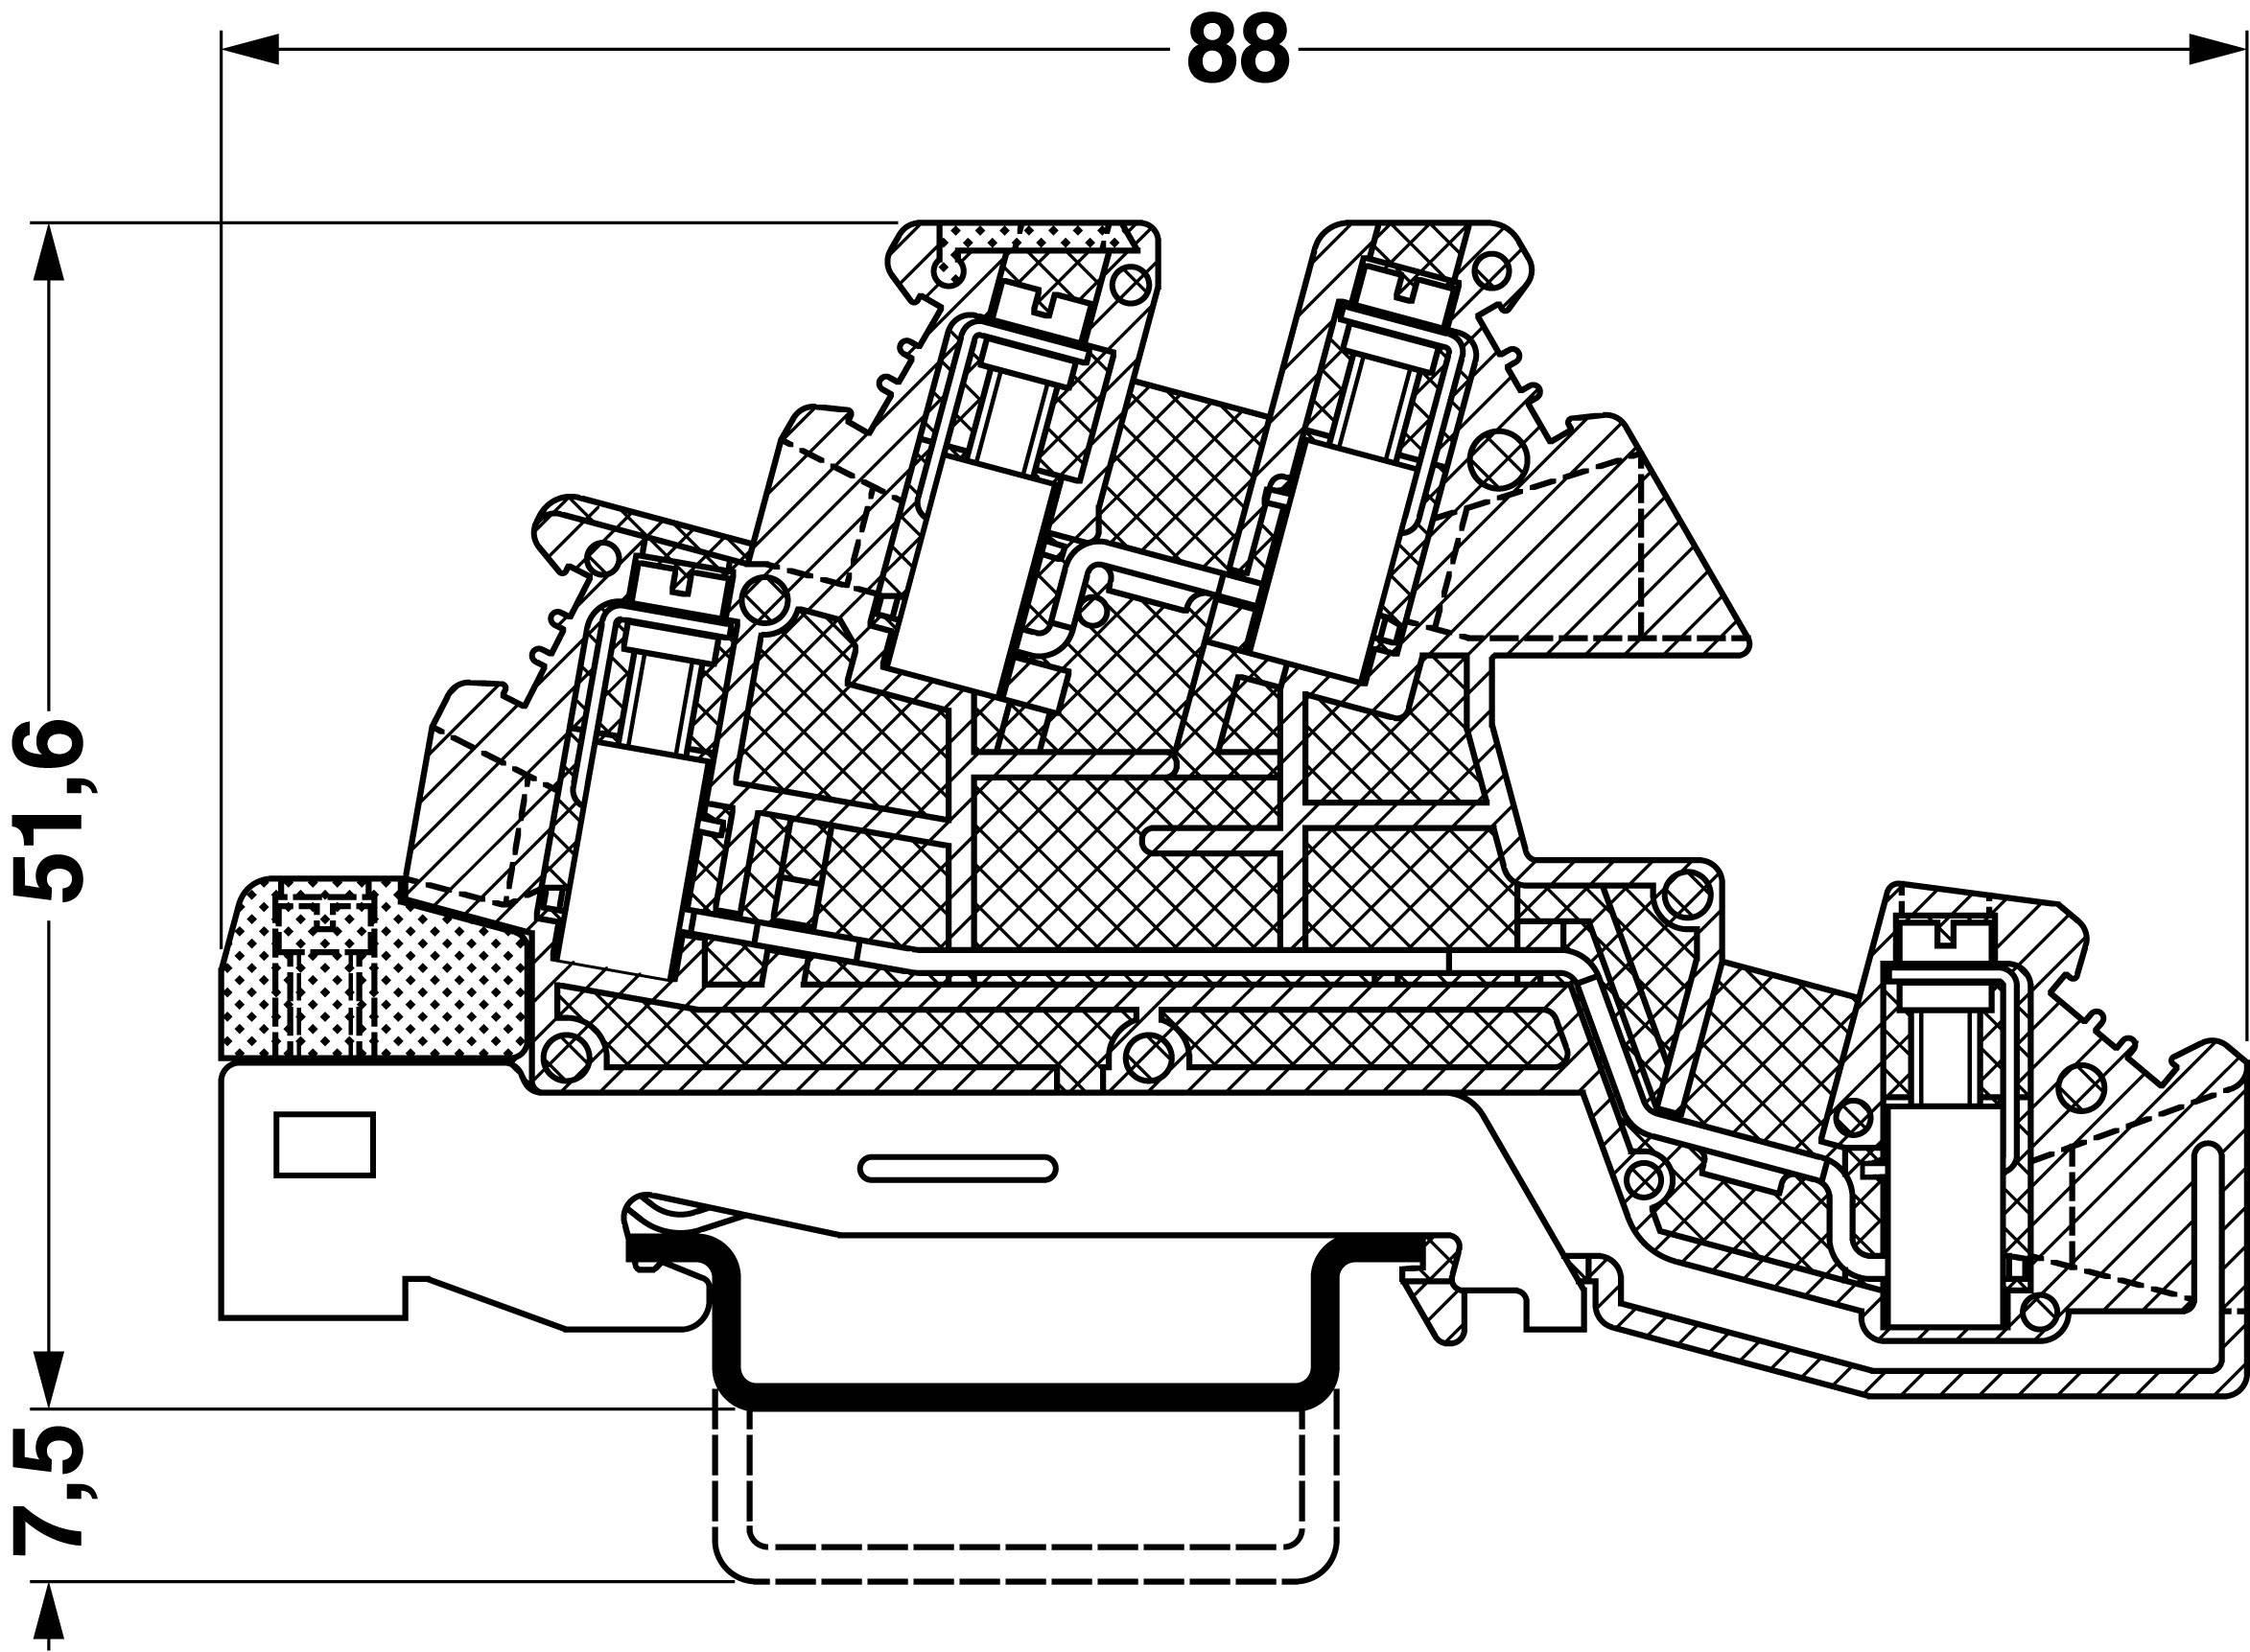 Instalační svorka ochranného vodiče Phoenix Contact PIK 6-PE/L/N 2714297, 1 ks, šedá